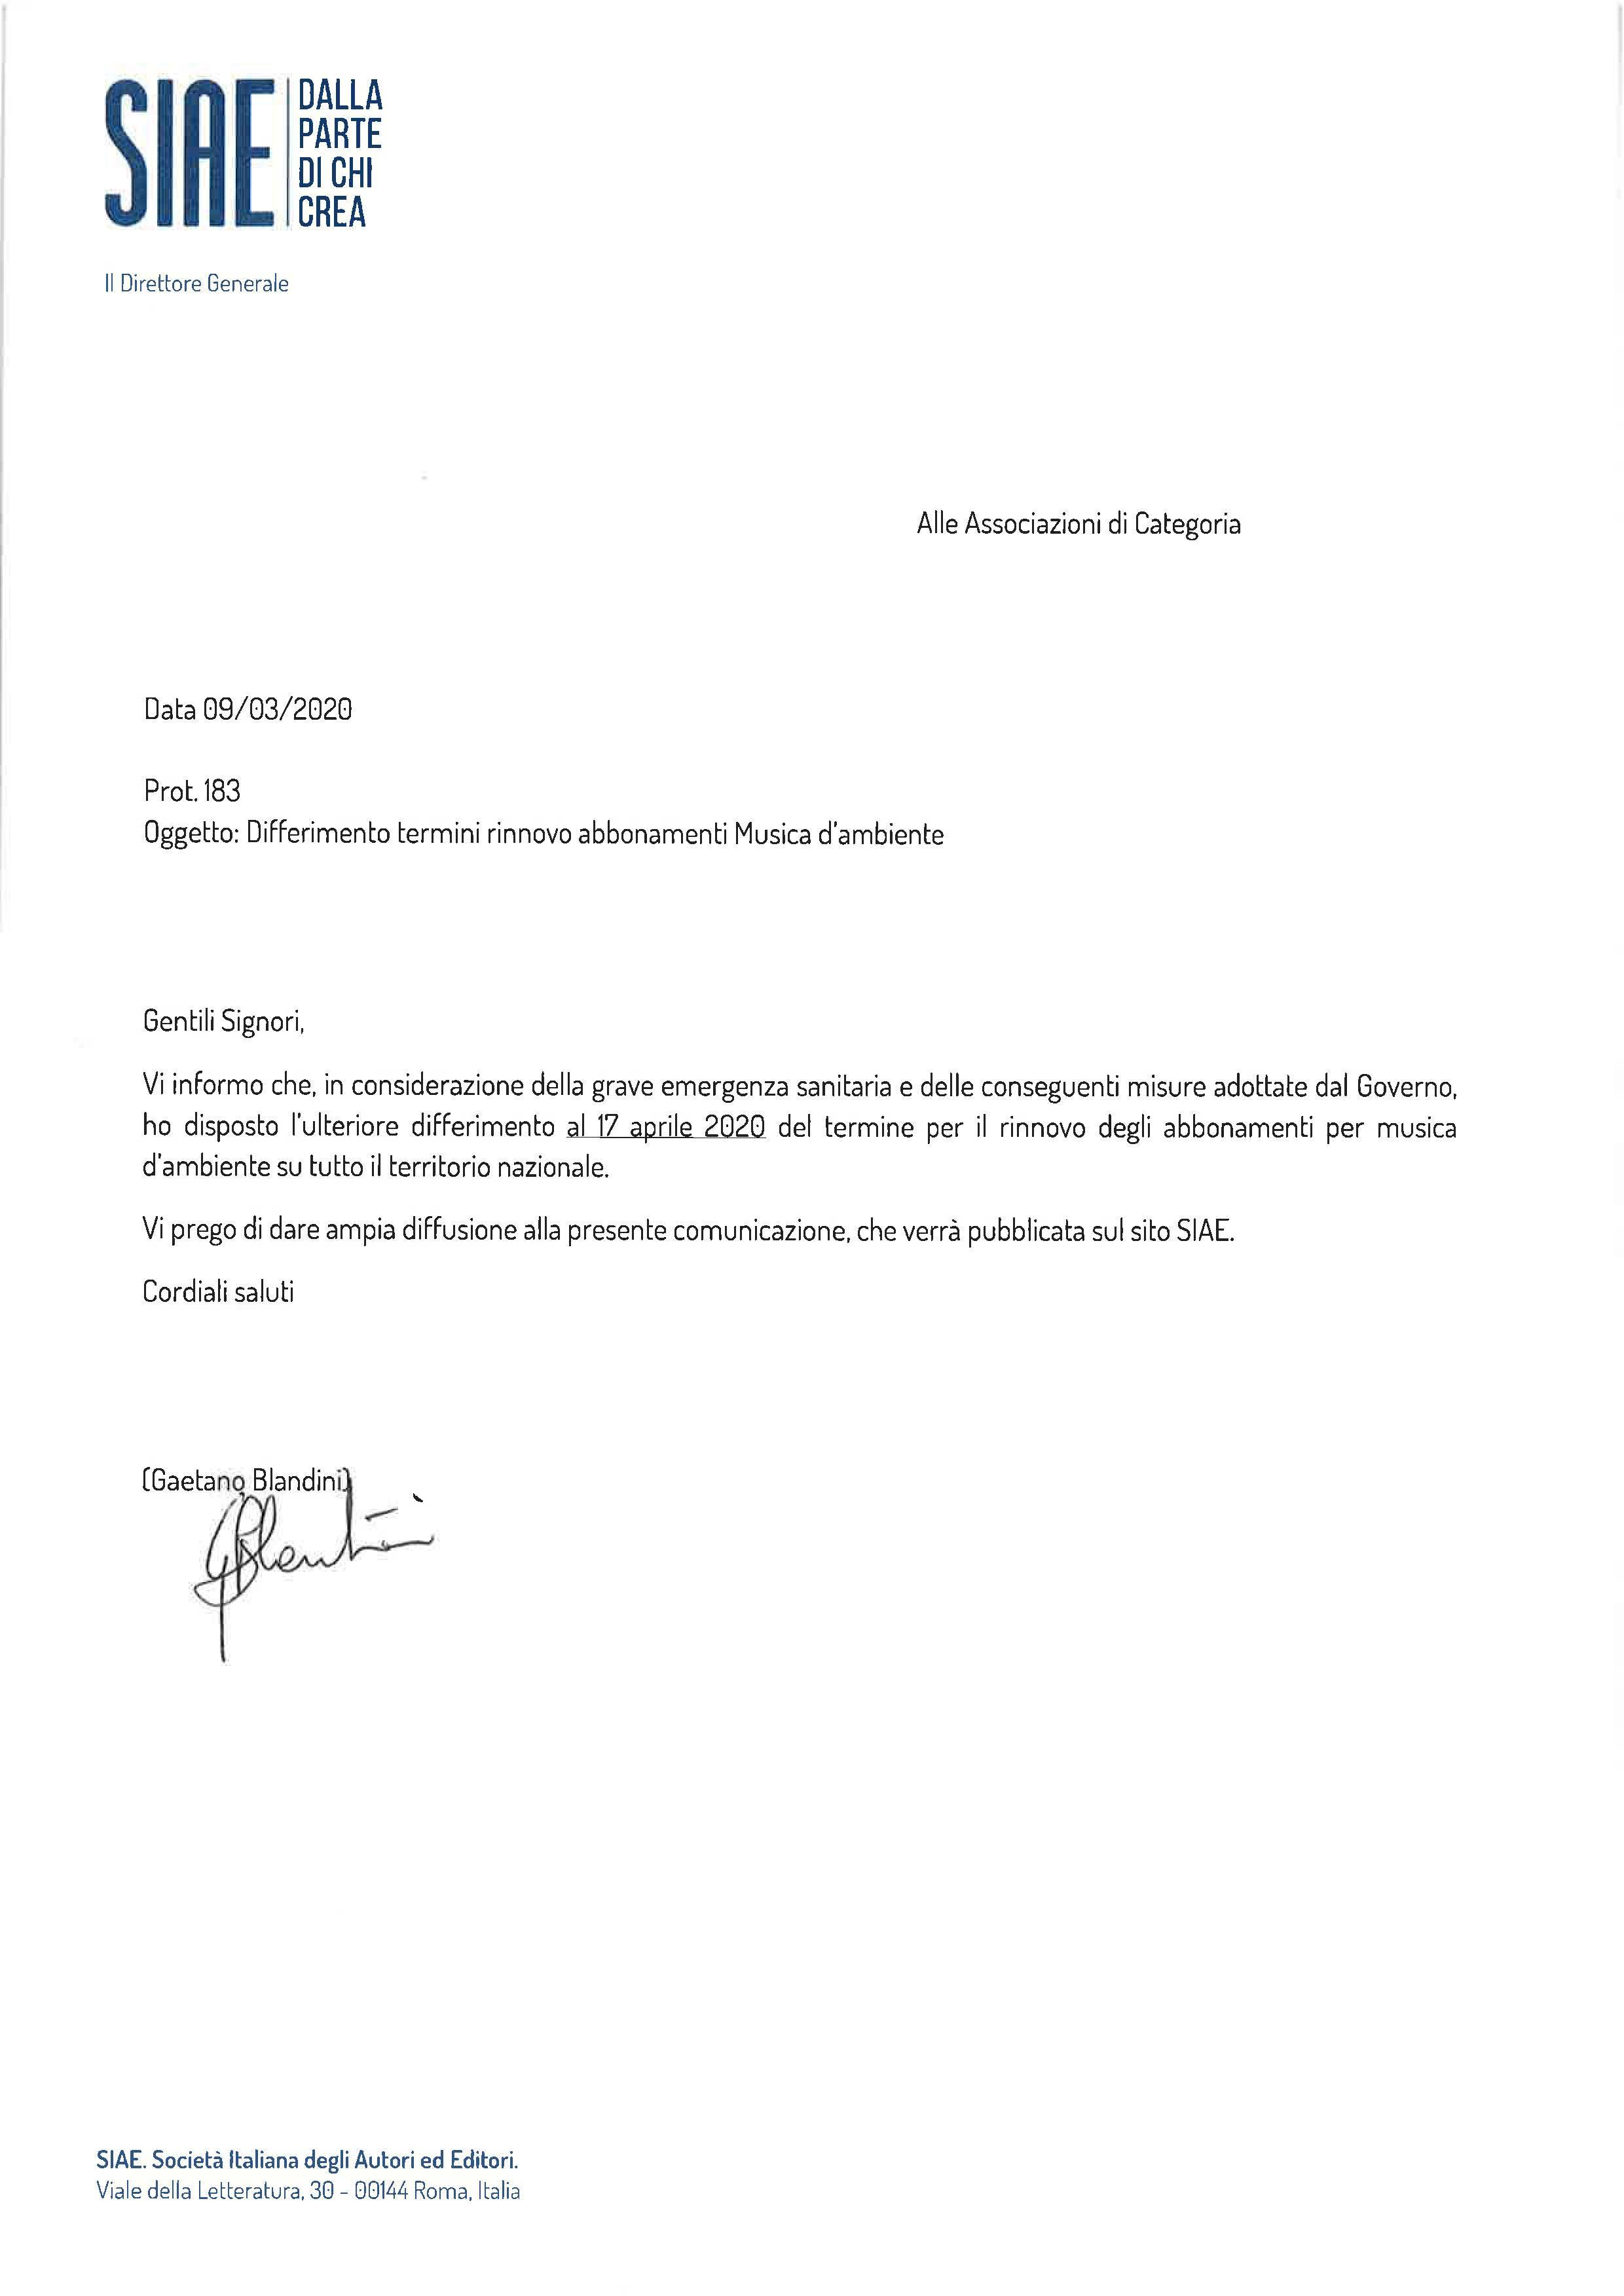 Prot. 183 2020 Differimento termini rinnovo abbonamento Musica dambie10423